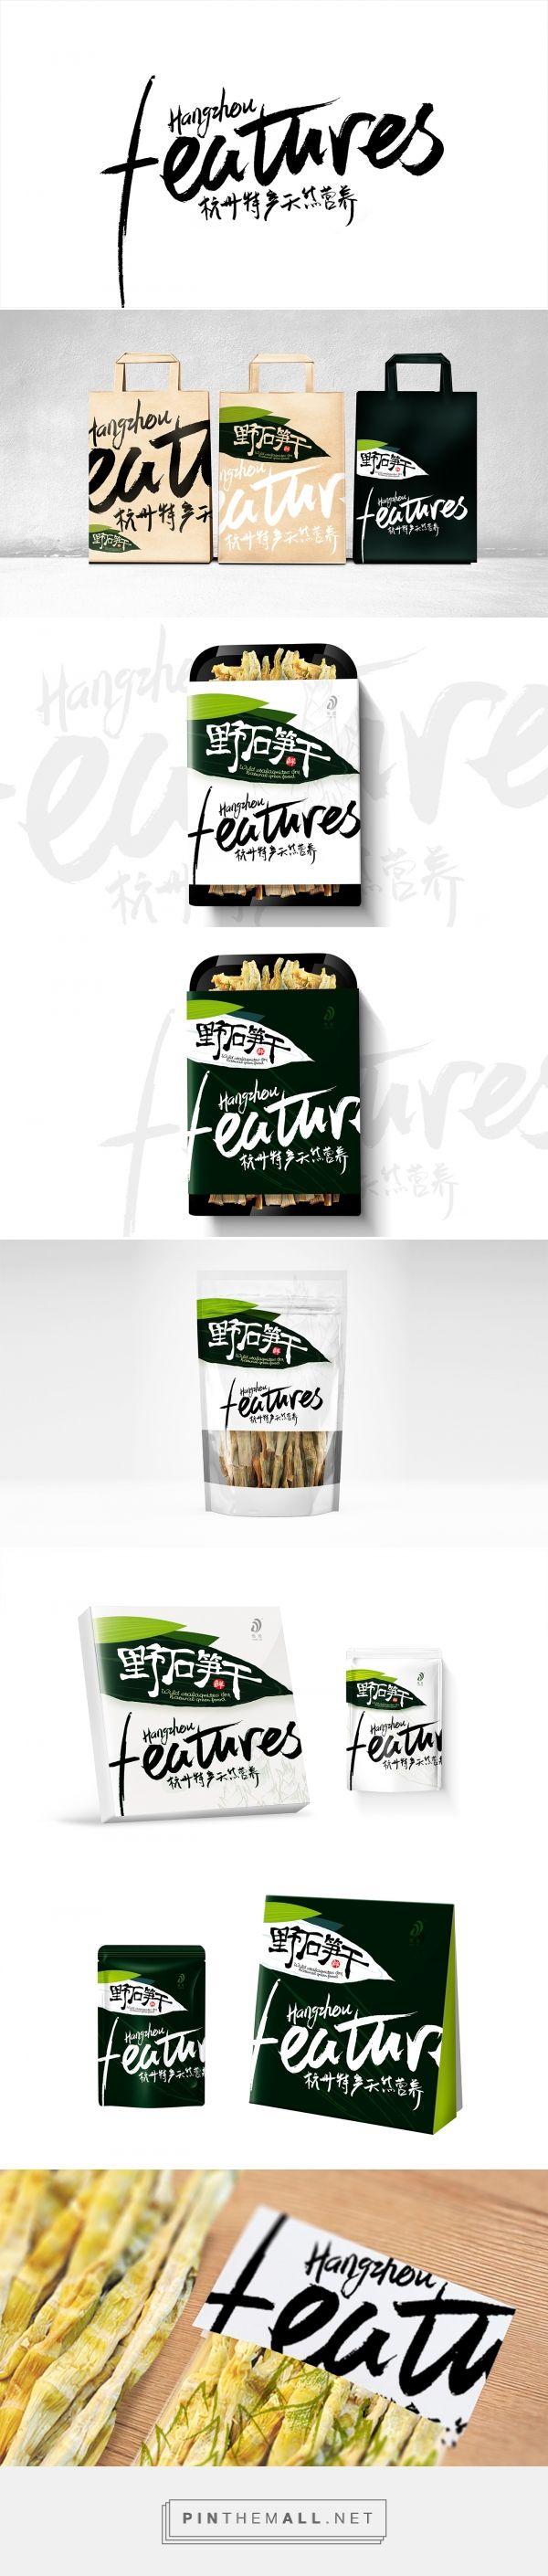 莺歌野生石笋干-文里杨国 on Behance by Yonko Design Chaozhou, China curated by Packaging Diva PD. Wild stalagmites dry natural green food. Branding, character design, packaging.